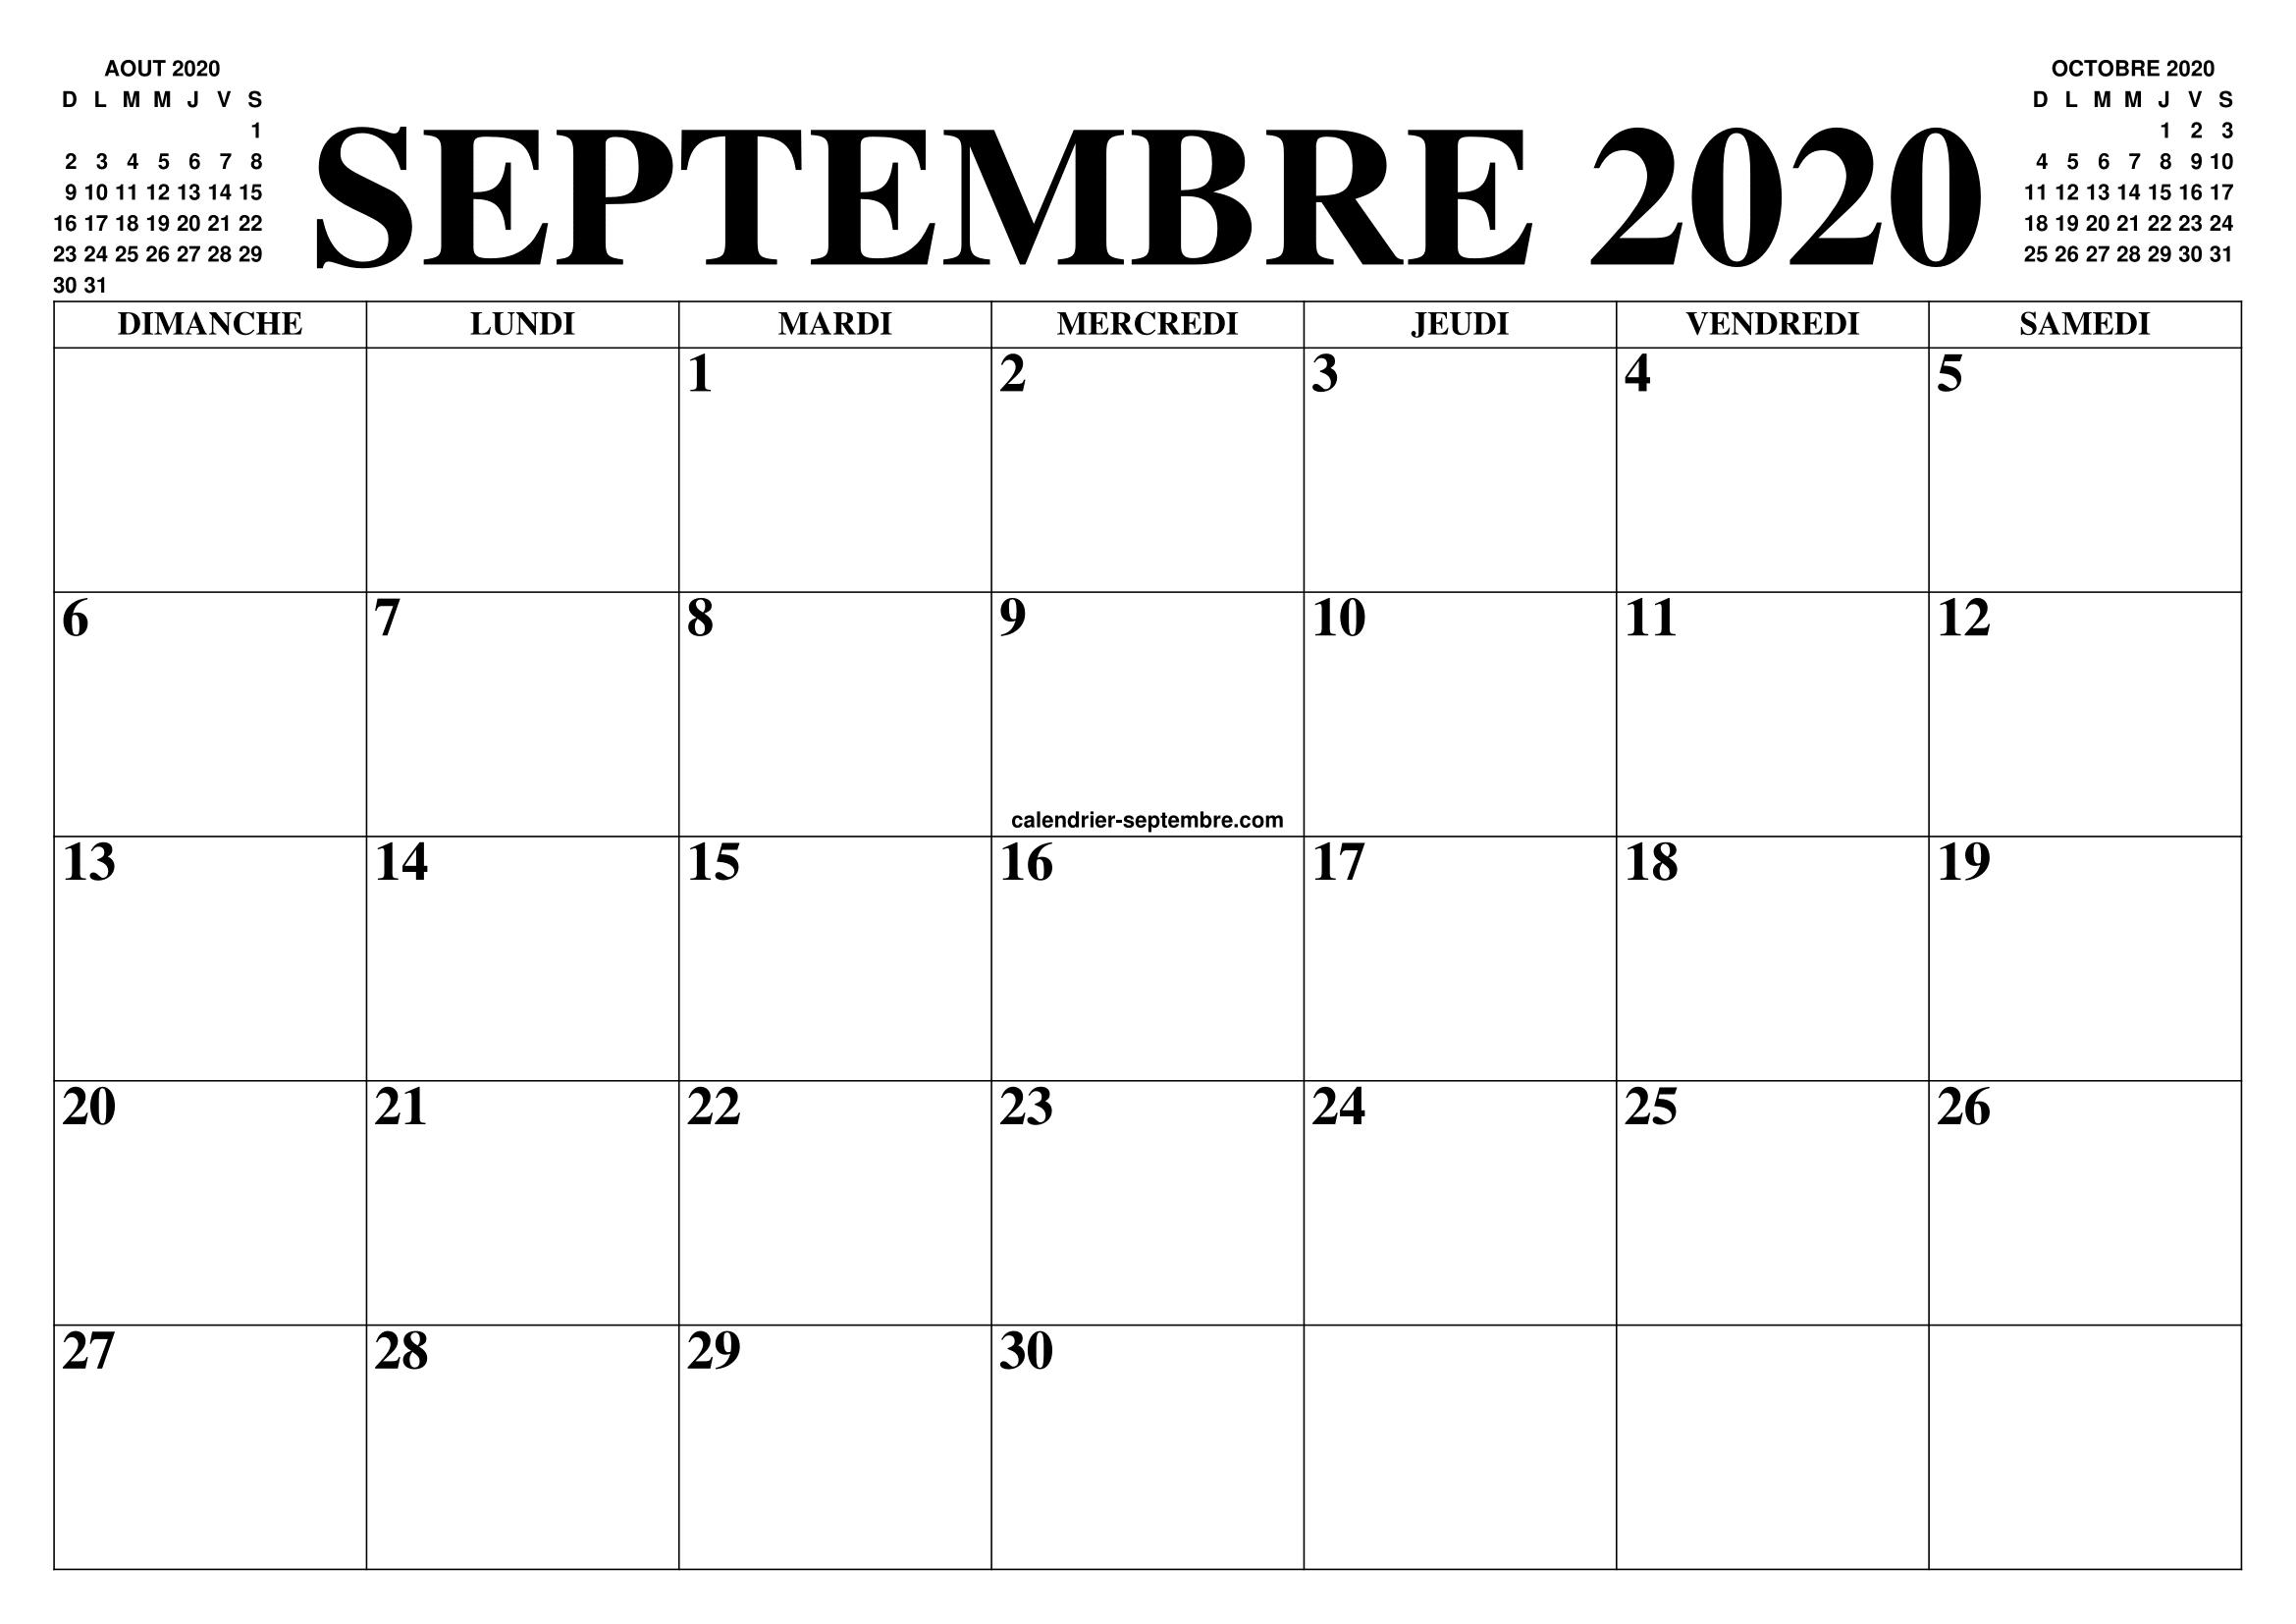 Calendrier Septembre 2020 Le Calendrier Du Mois De